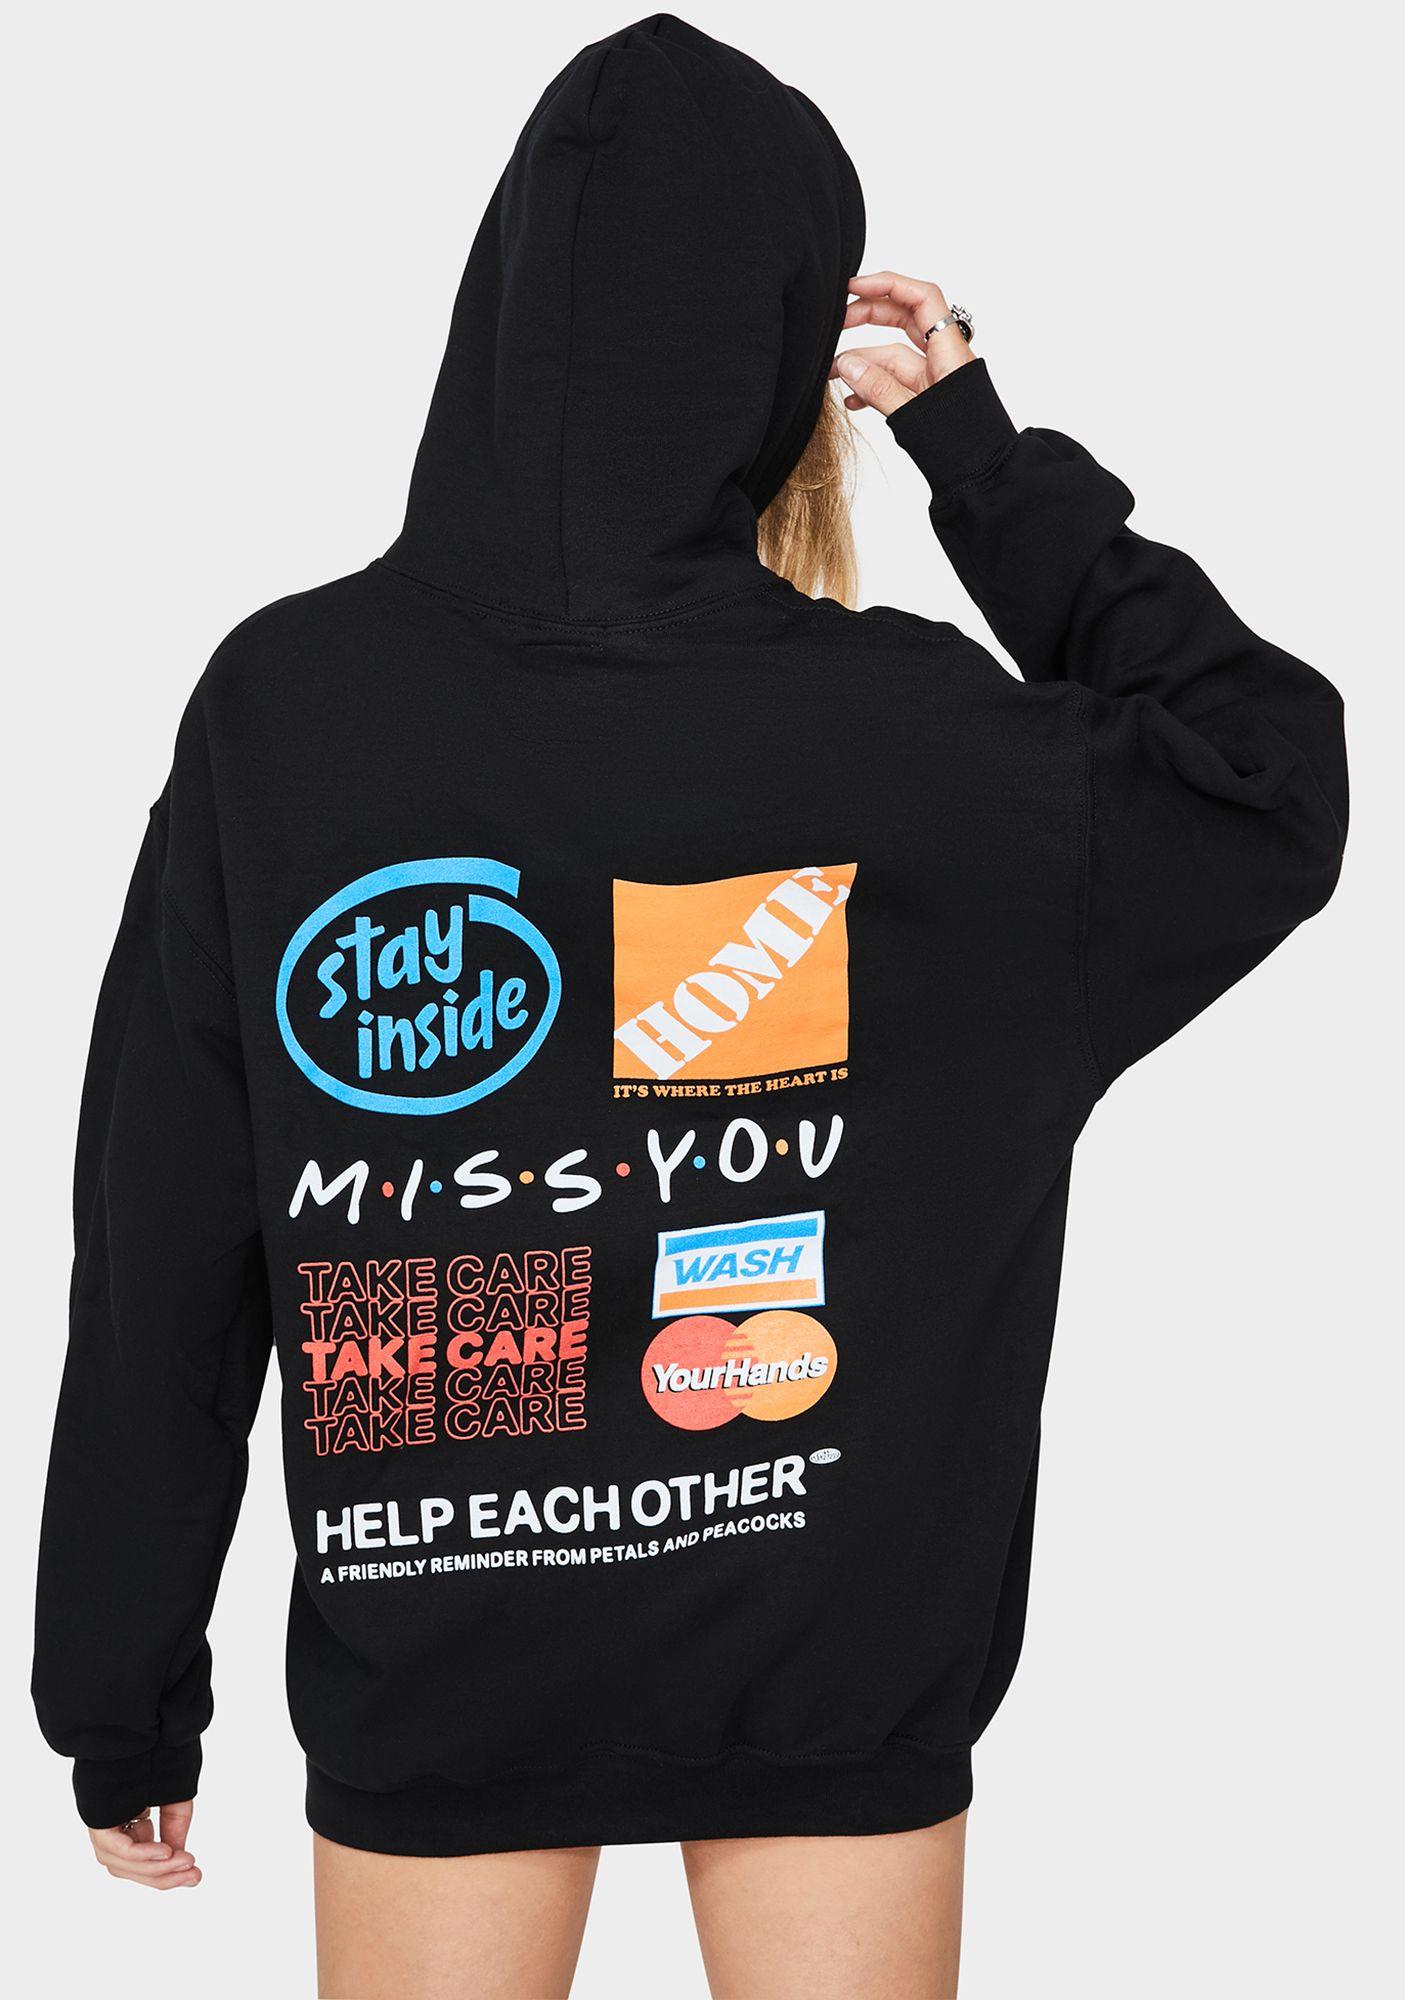 Help Each Other Graphic Hoodie In 2021 Graphic Hoodies Hoodies Sweatshirt Designs [ 2000 x 1405 Pixel ]